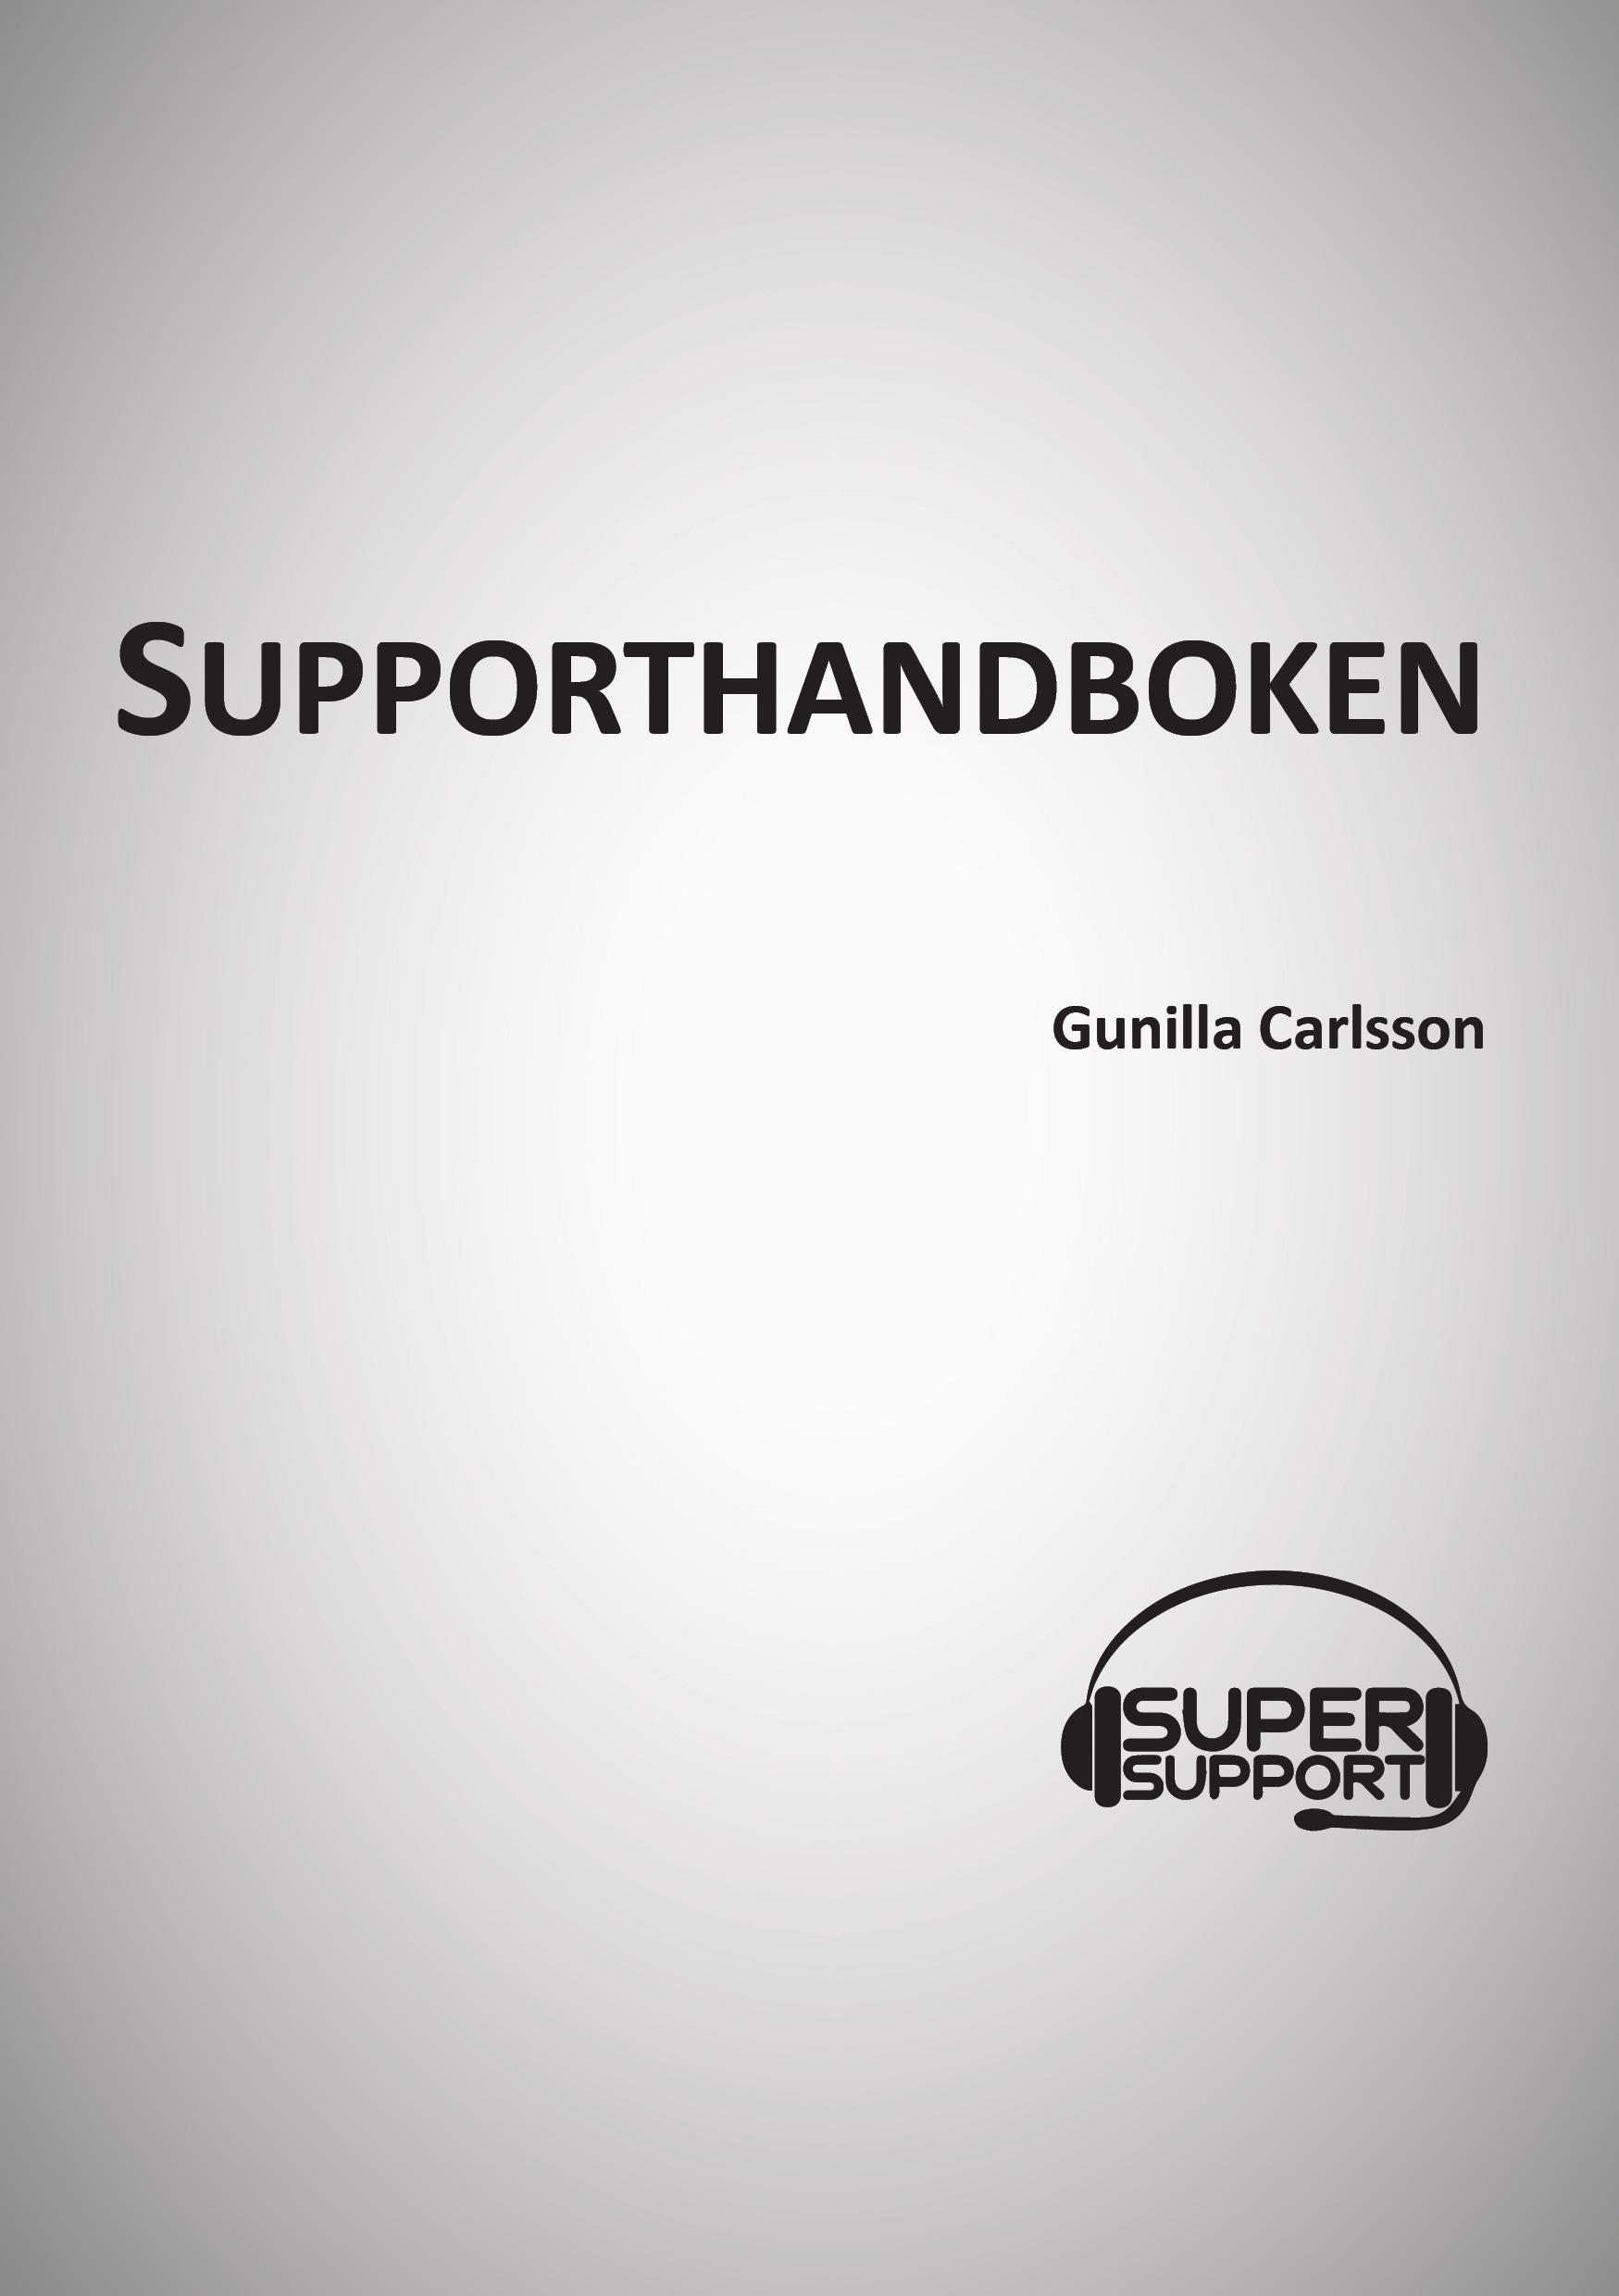 Rollspel för nöjdare kunder - Kvalitetsmagasinet om Supporthandboken av Gunilla Carlsson